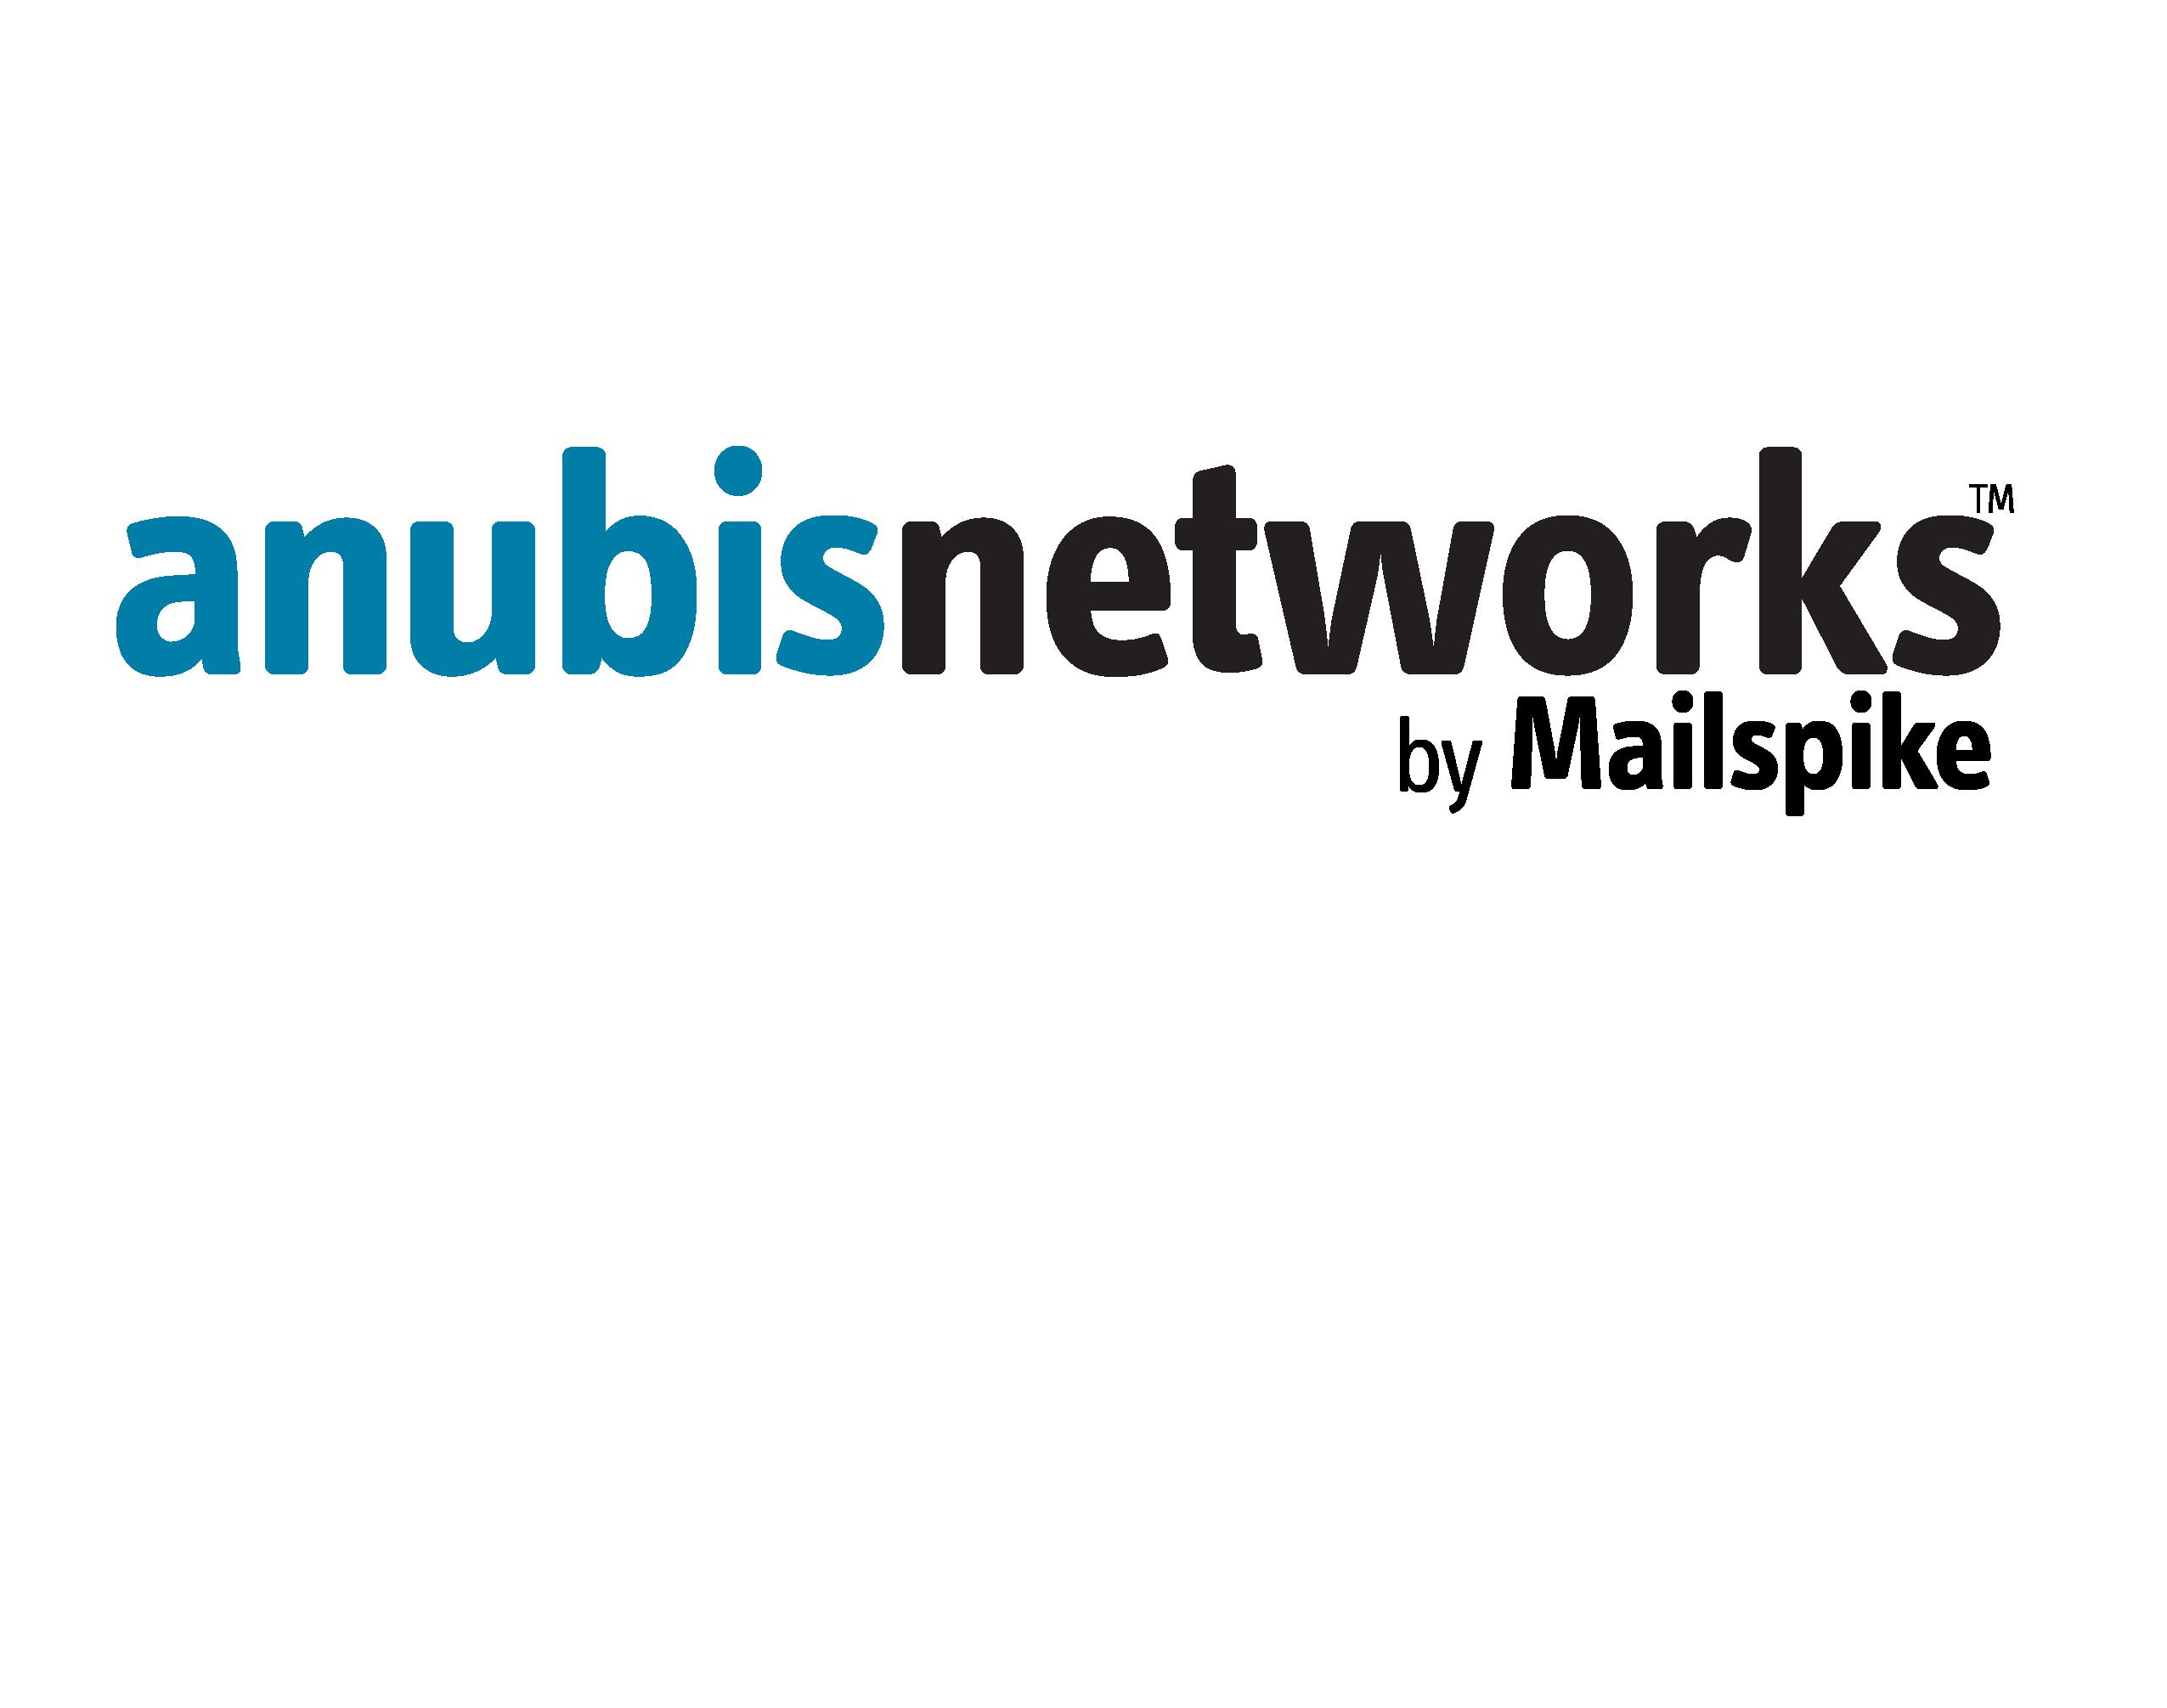 AnubisNetworks